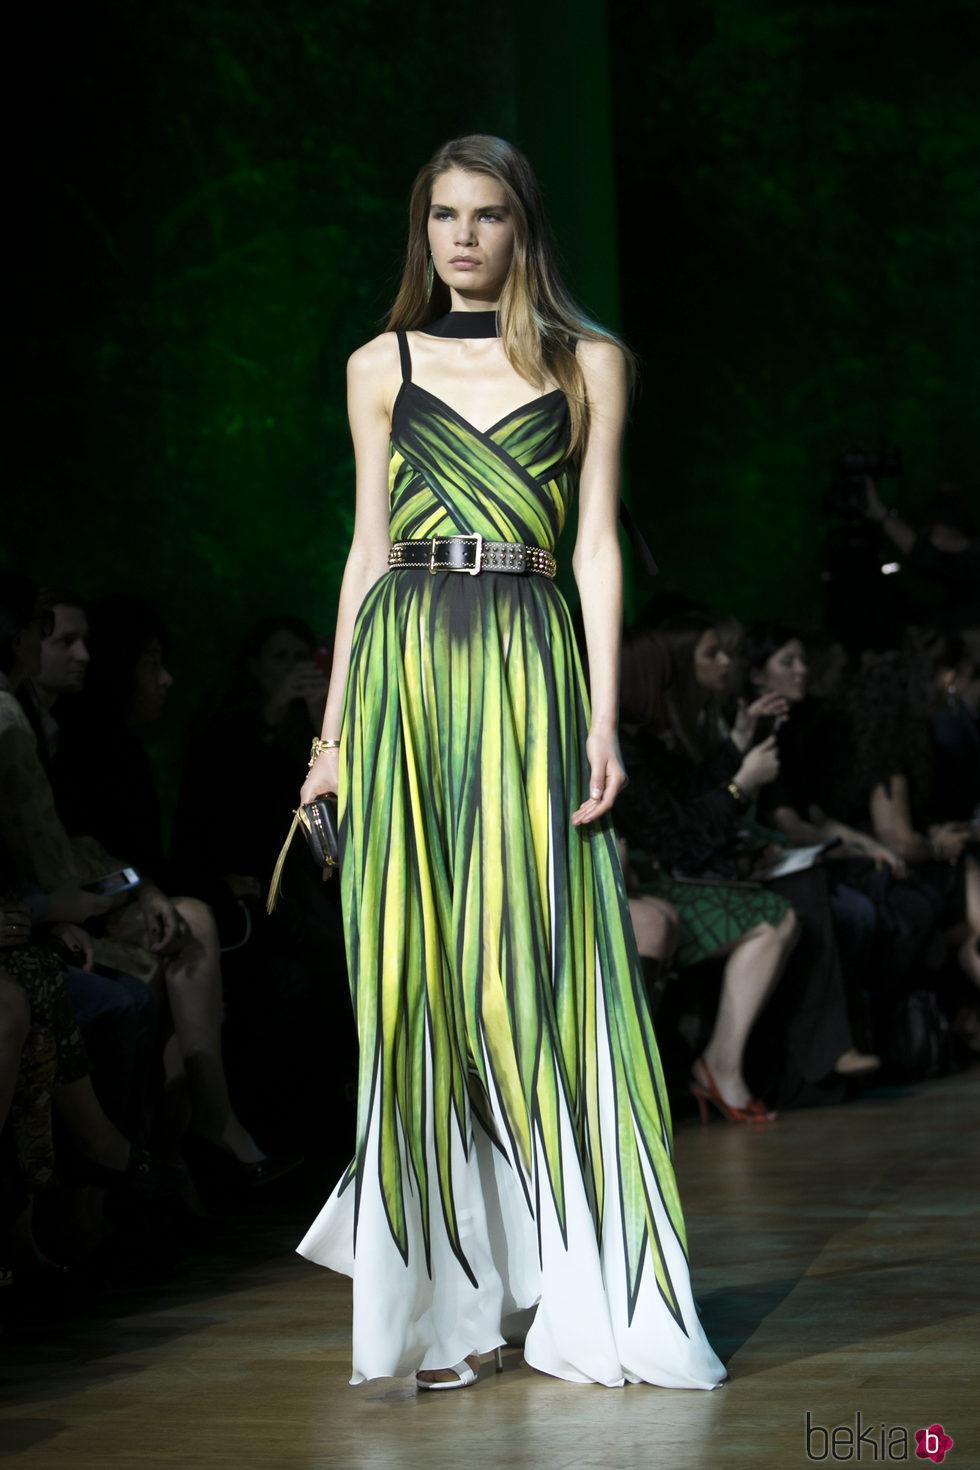 Vestido verde elie saab